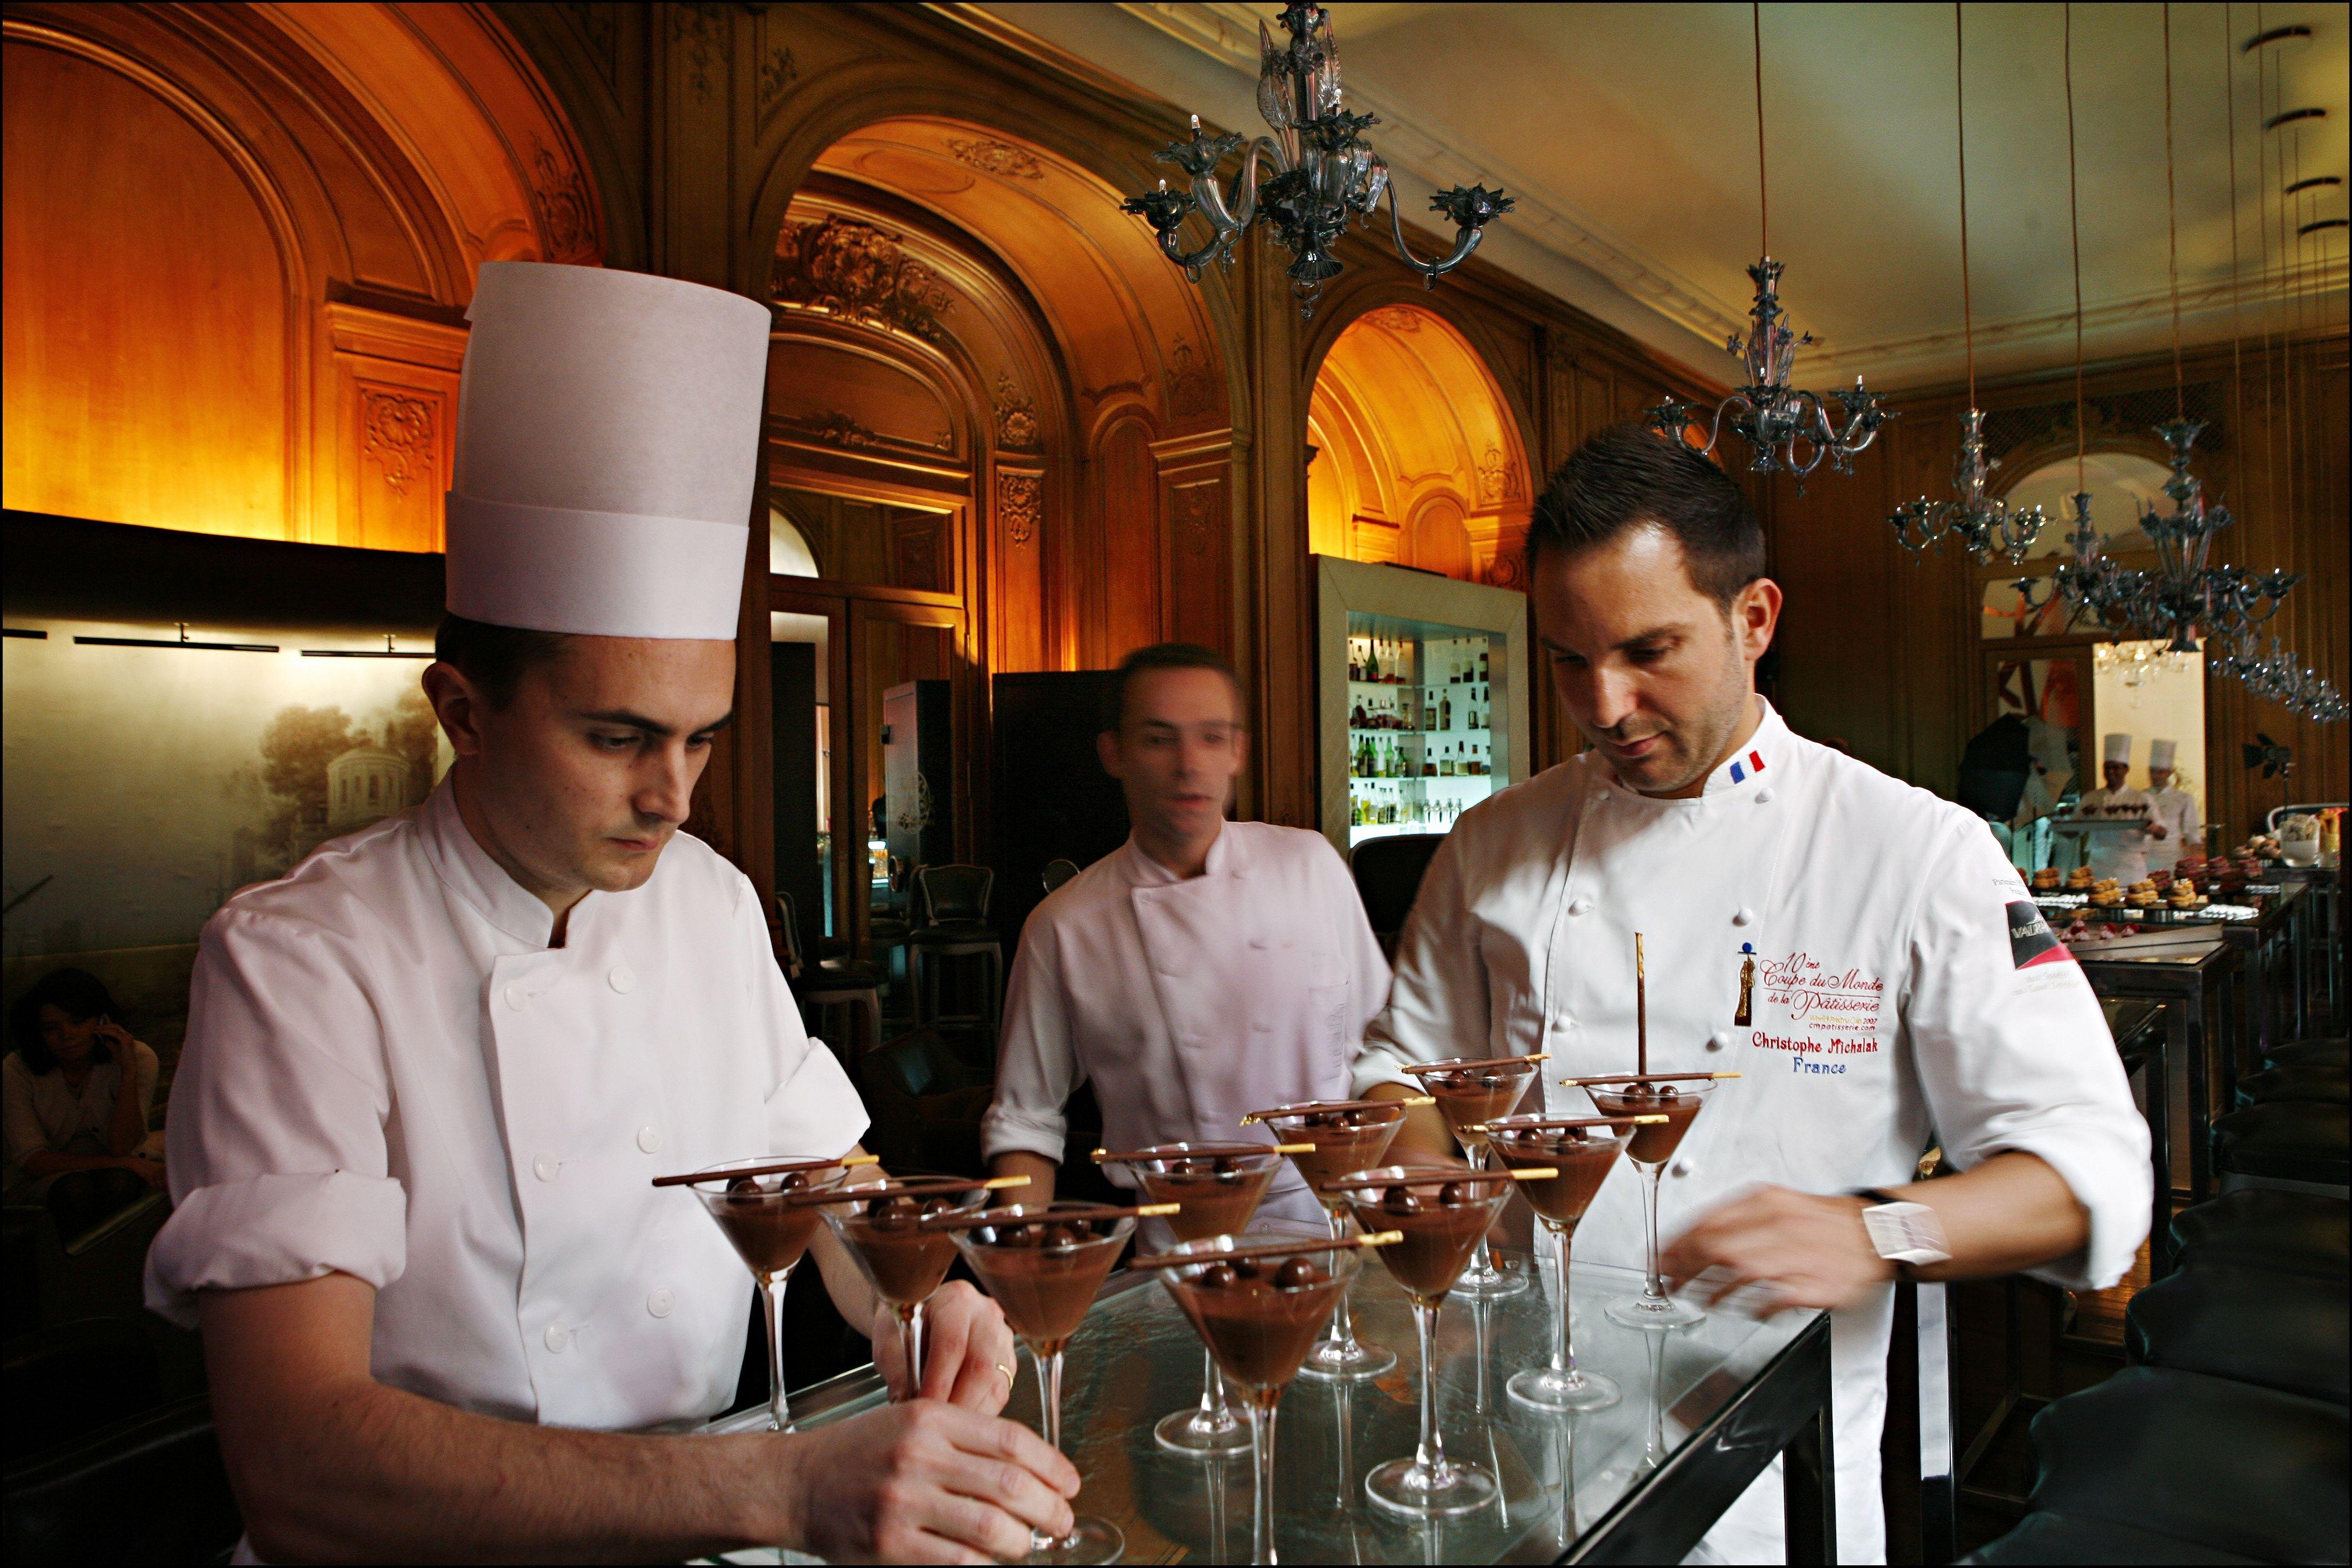 El Chef Es: Christophe Michalak